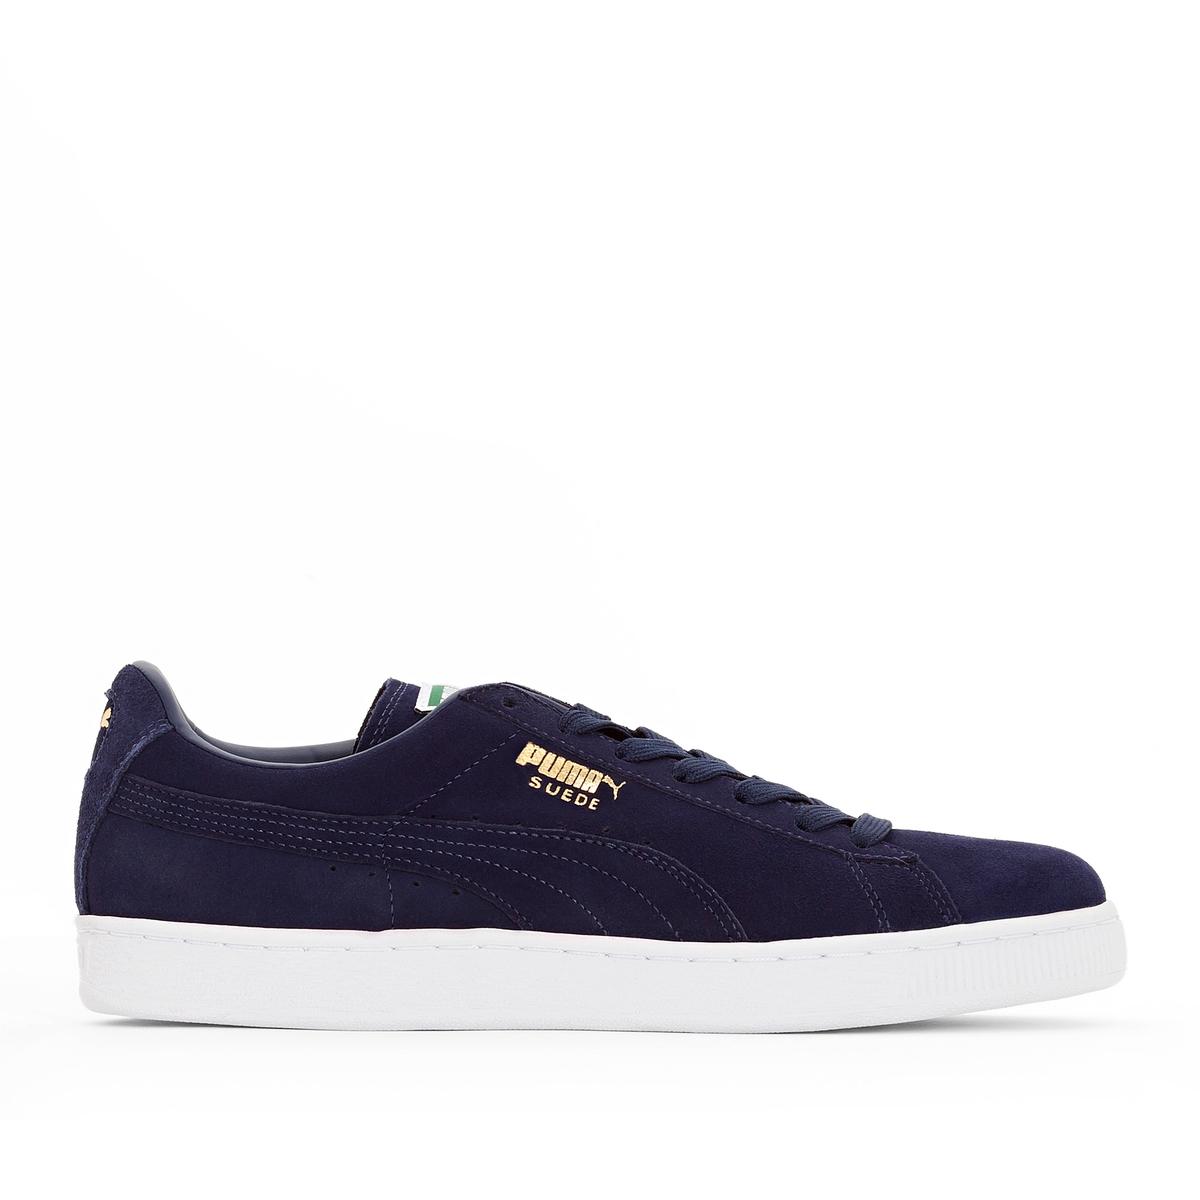 Zapatillas deportivas SUEDE CLASSIC +